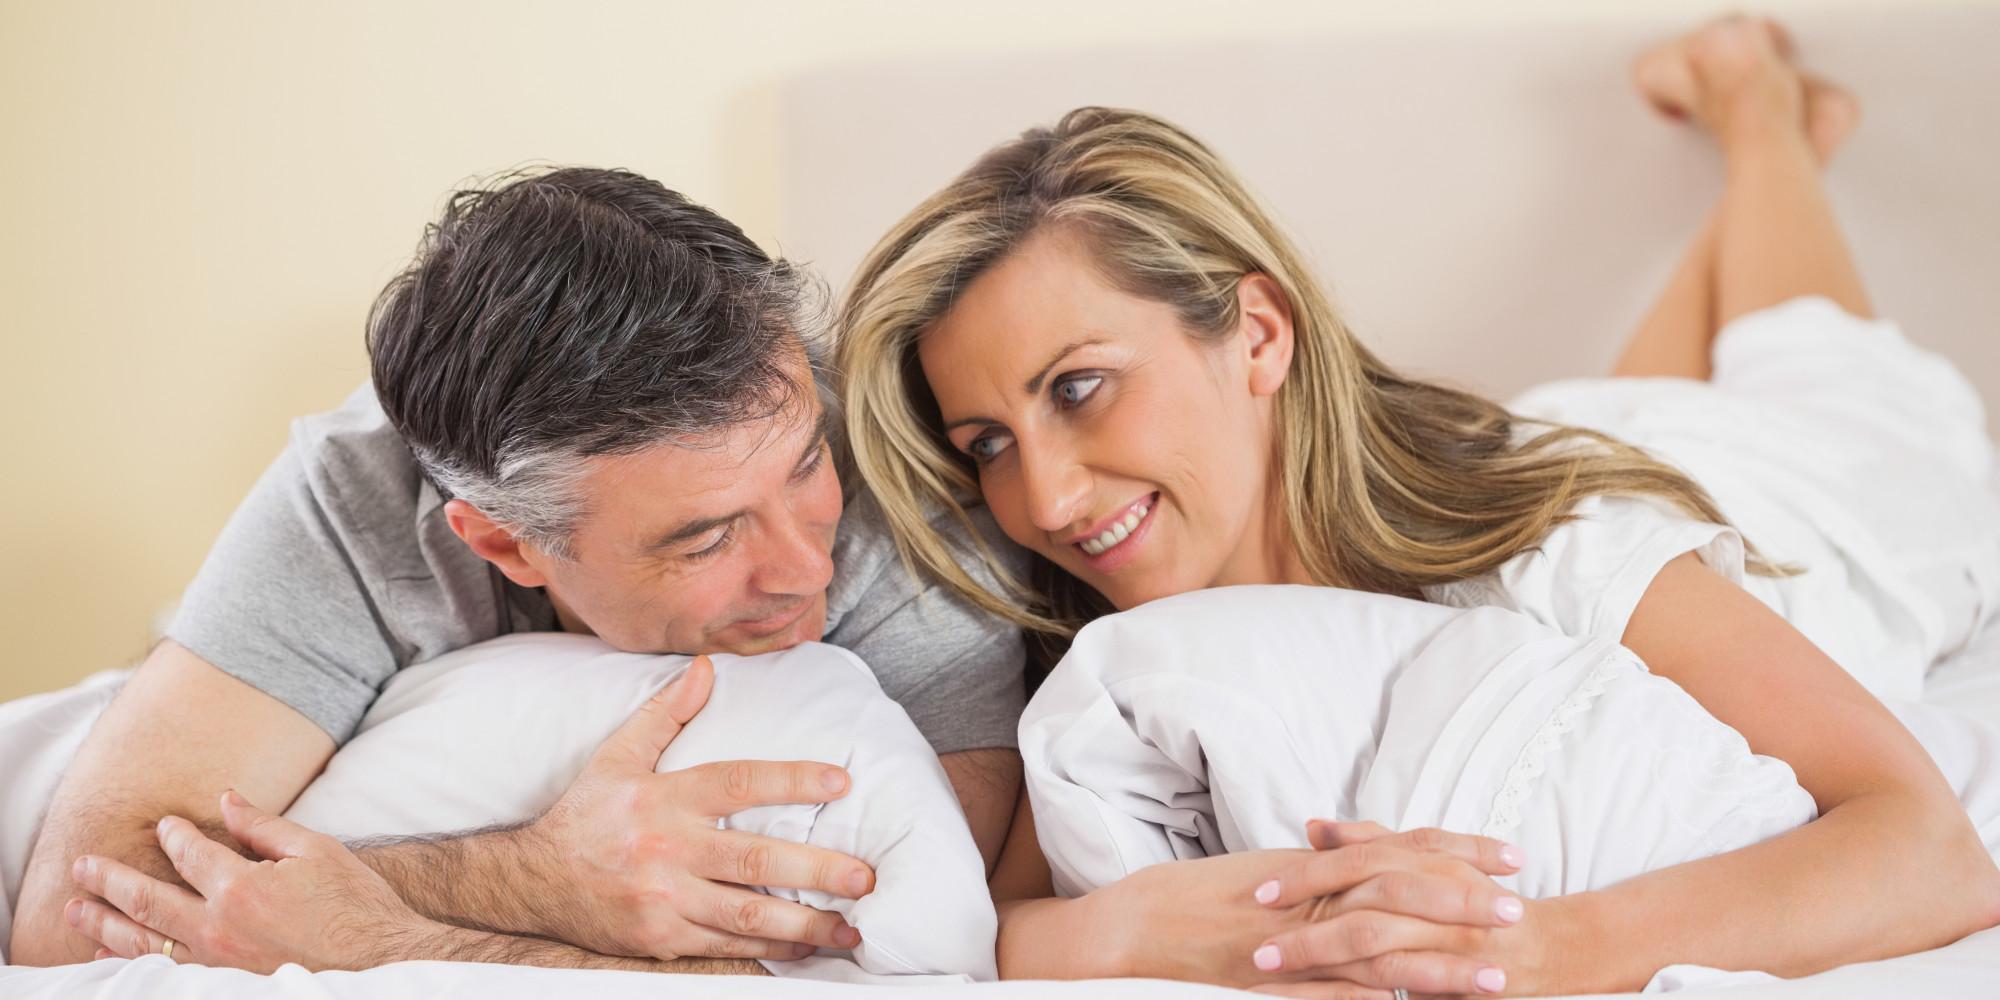 free mature couple porn - milf - hot photos